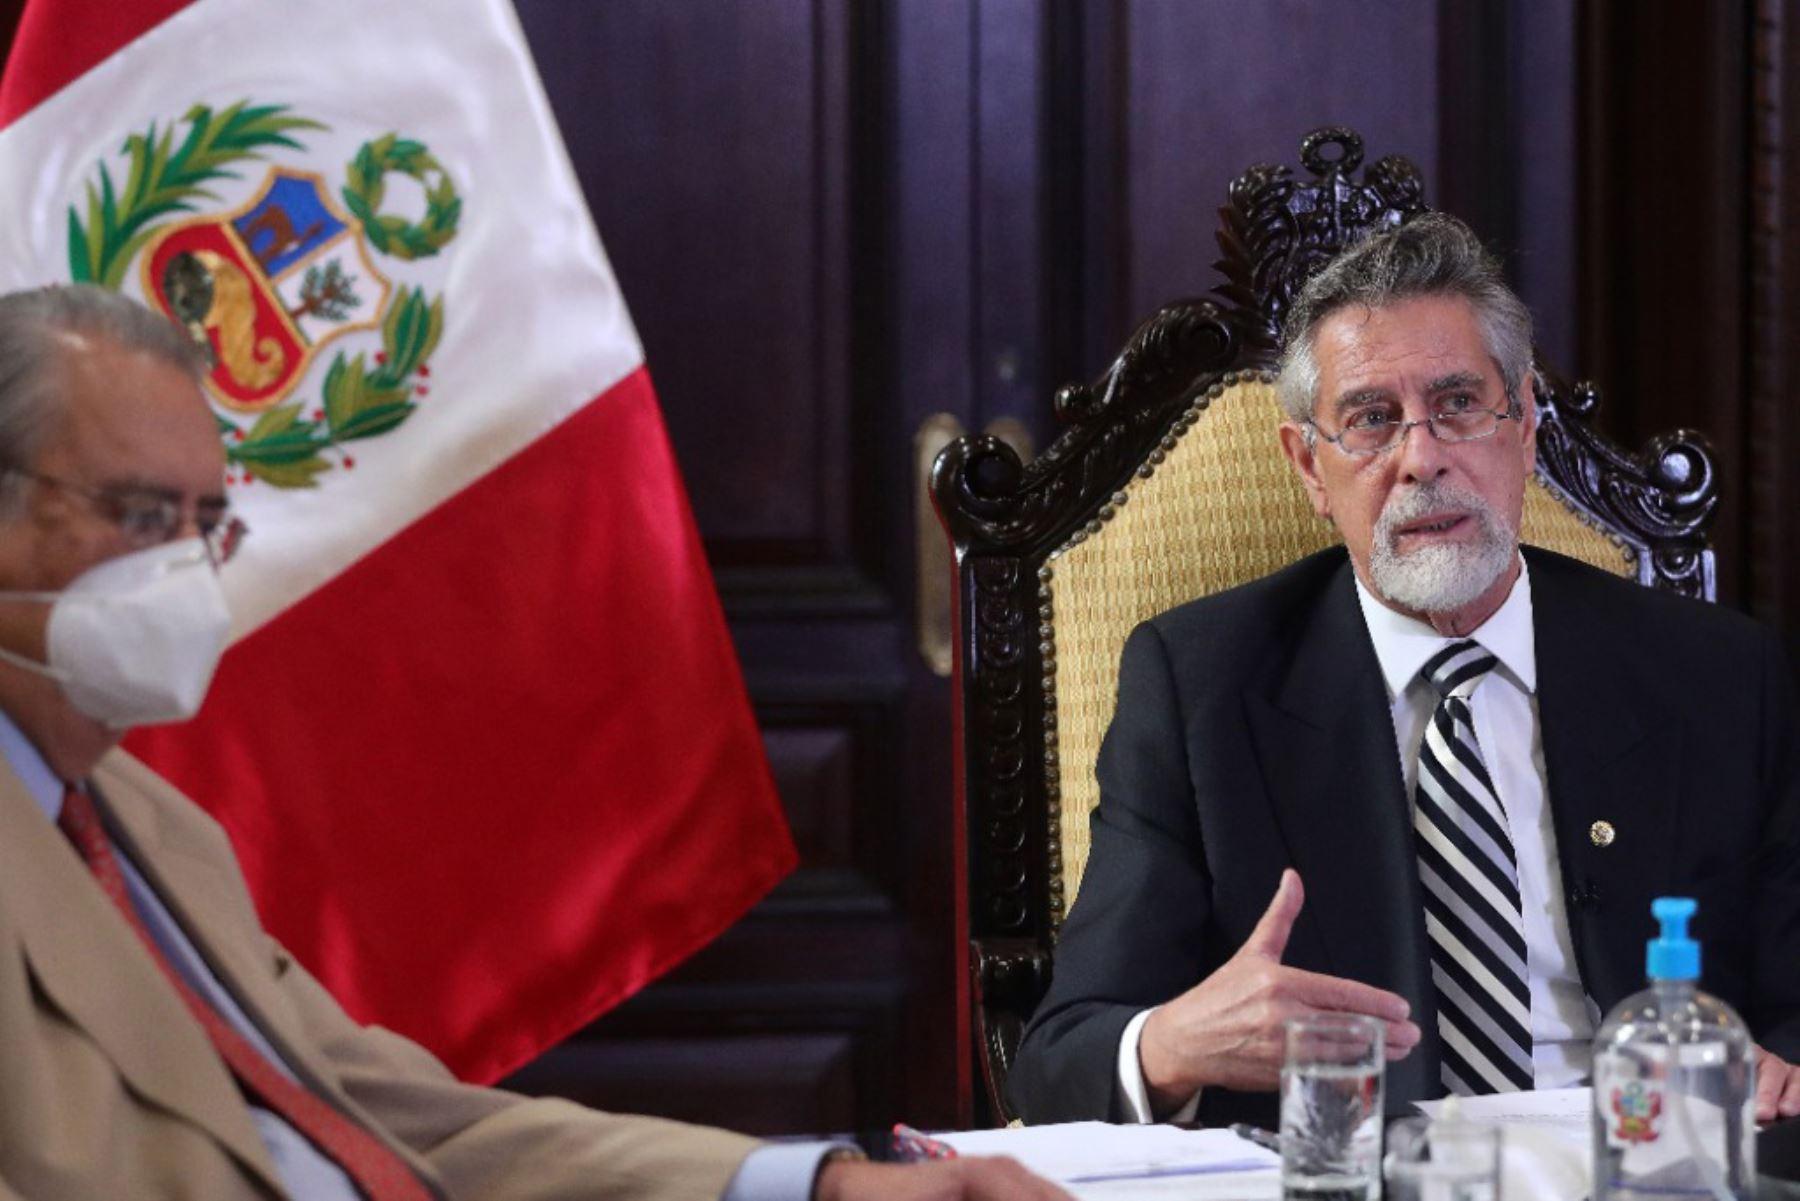 El presidente Francisco Sagasti, participó, de manera virtual, en la V Cumbre Extraordinaria de jefes de Estado del Foro Prosur, mecanismo y espacio de diálogo y cooperación de los países de América del Sur. Foto:ANDINA/presidenciaperu